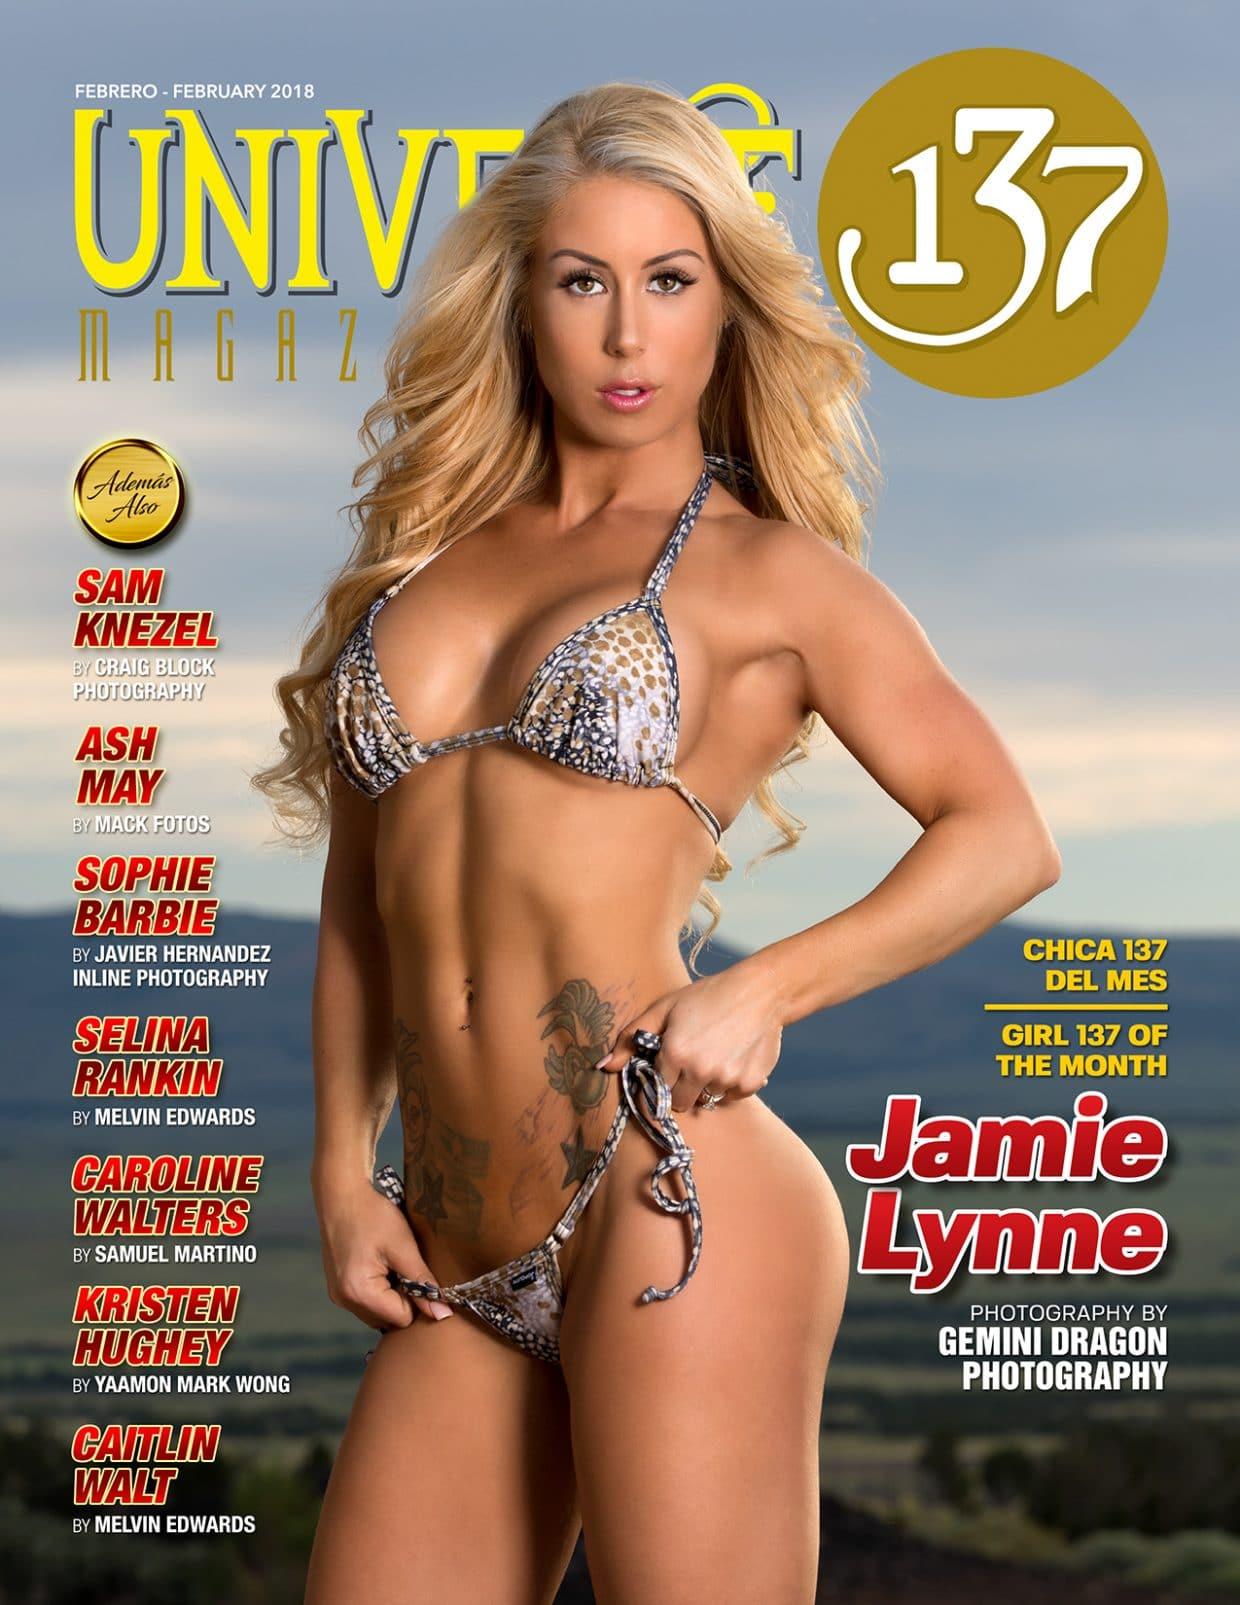 Universe 137 Magazine - February 2018 1